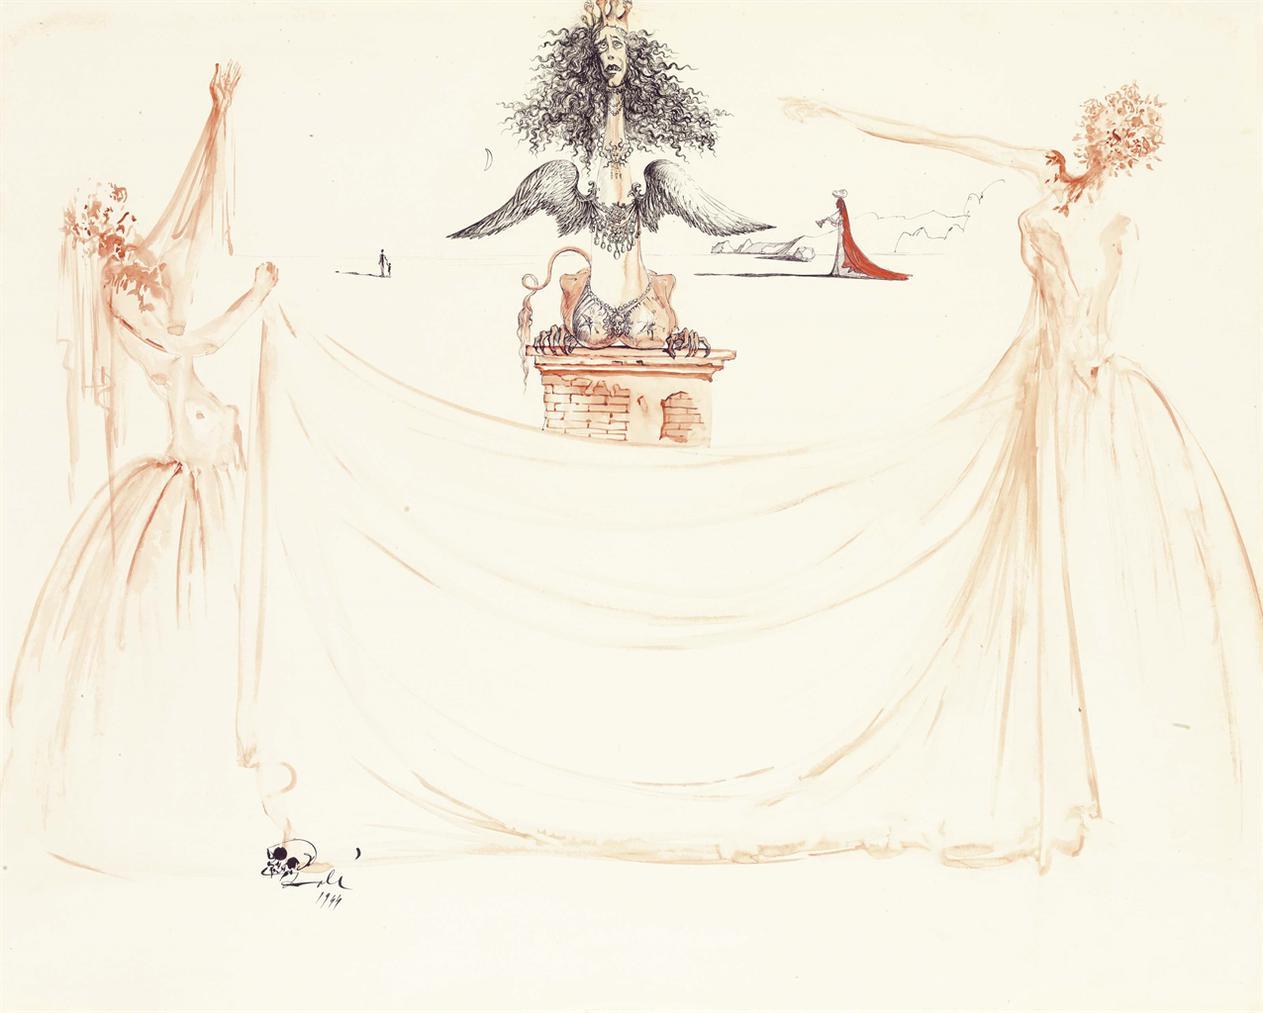 Salvador Dali-Deux 'Esprits De Lamour' Tiennent Un Voile Devant La 'Chimere Dyseult' (Isolde); Etude Pour Le Ballet Tristan Fou-1944